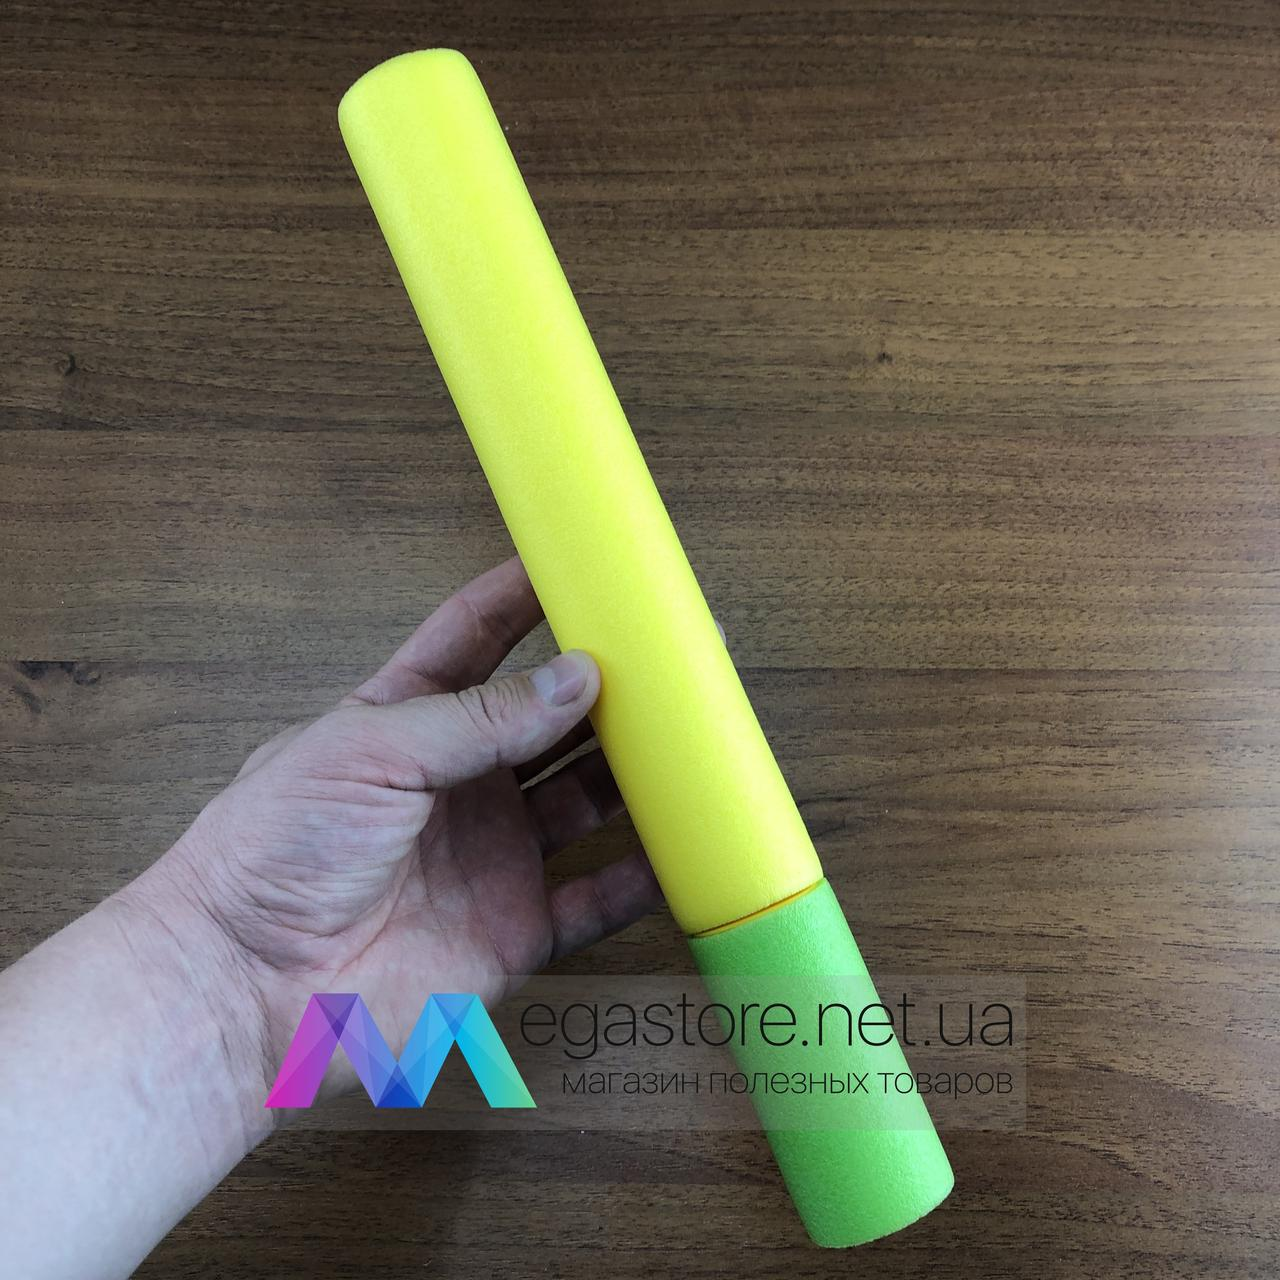 Водяной насос пистолет игрушка для детей качественный игрушечный